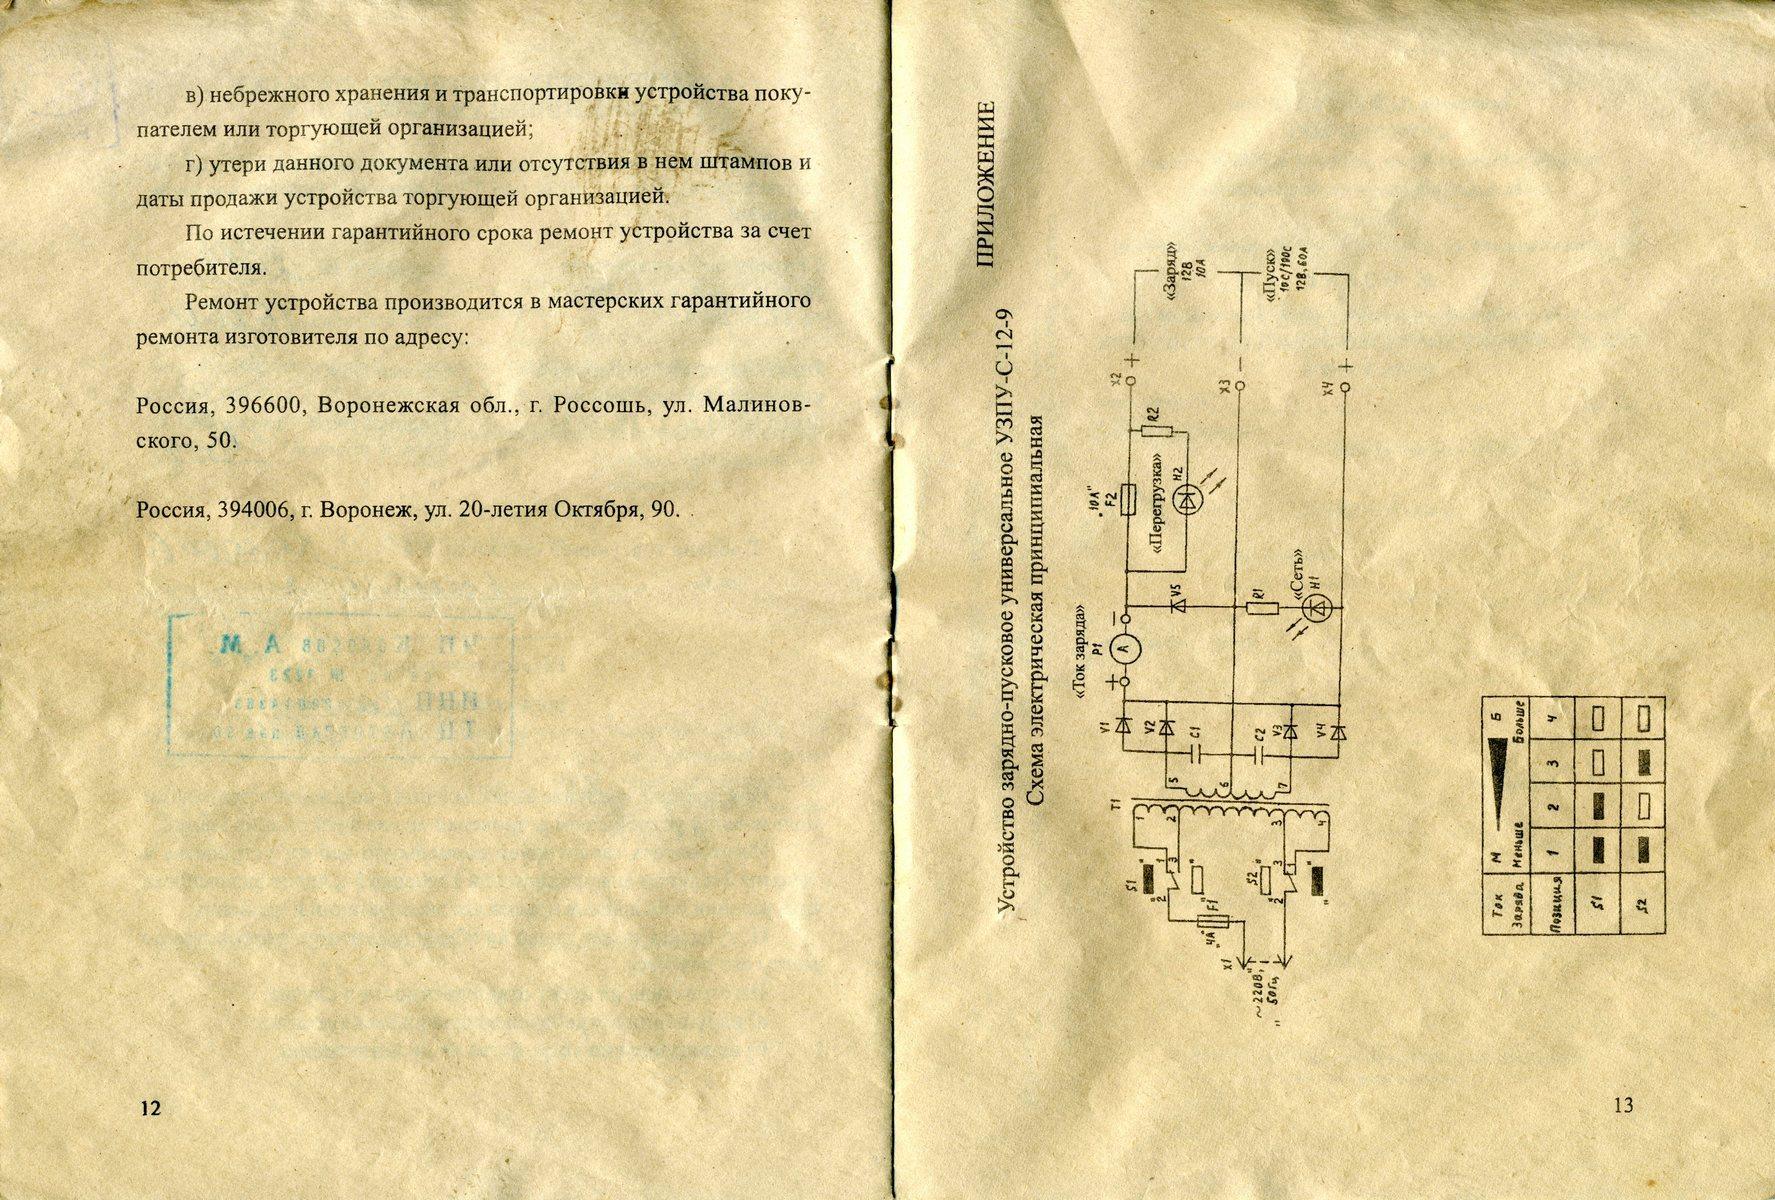 узпу-м12/24-15 схема